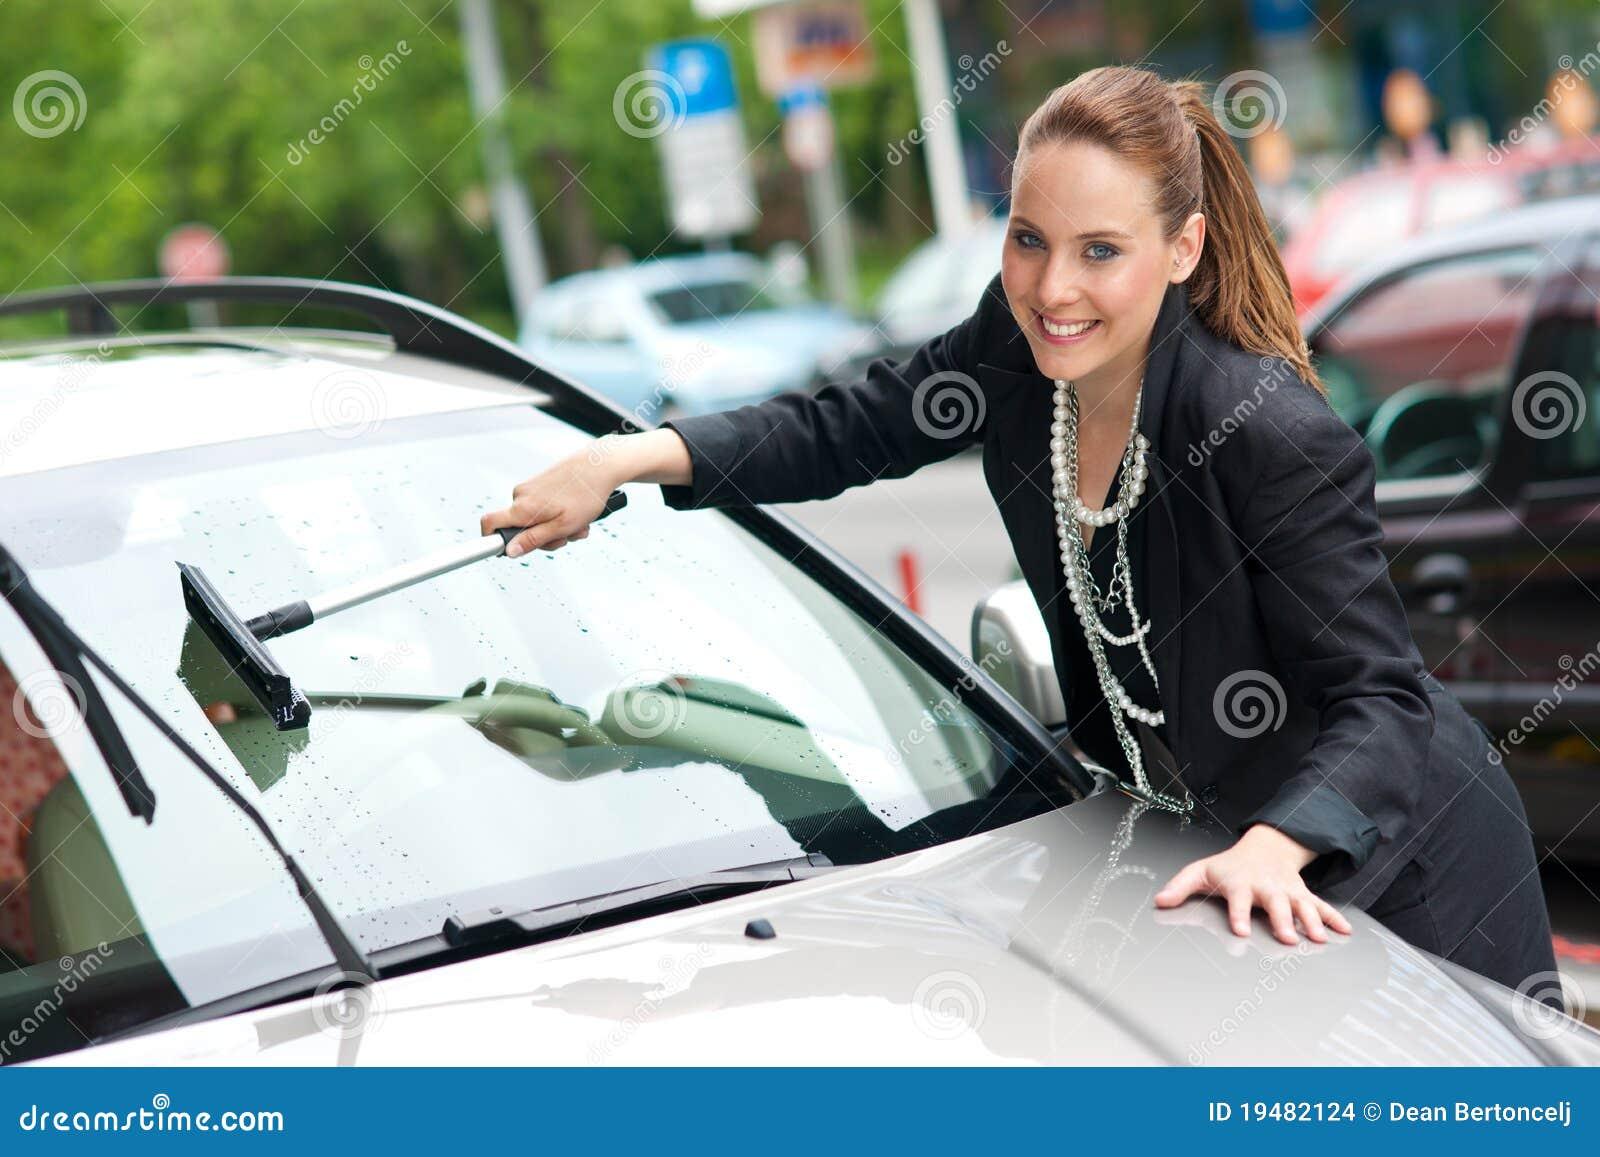 Woman washing car window stock photo image of lady - Como limpiar los cristales del coche ...